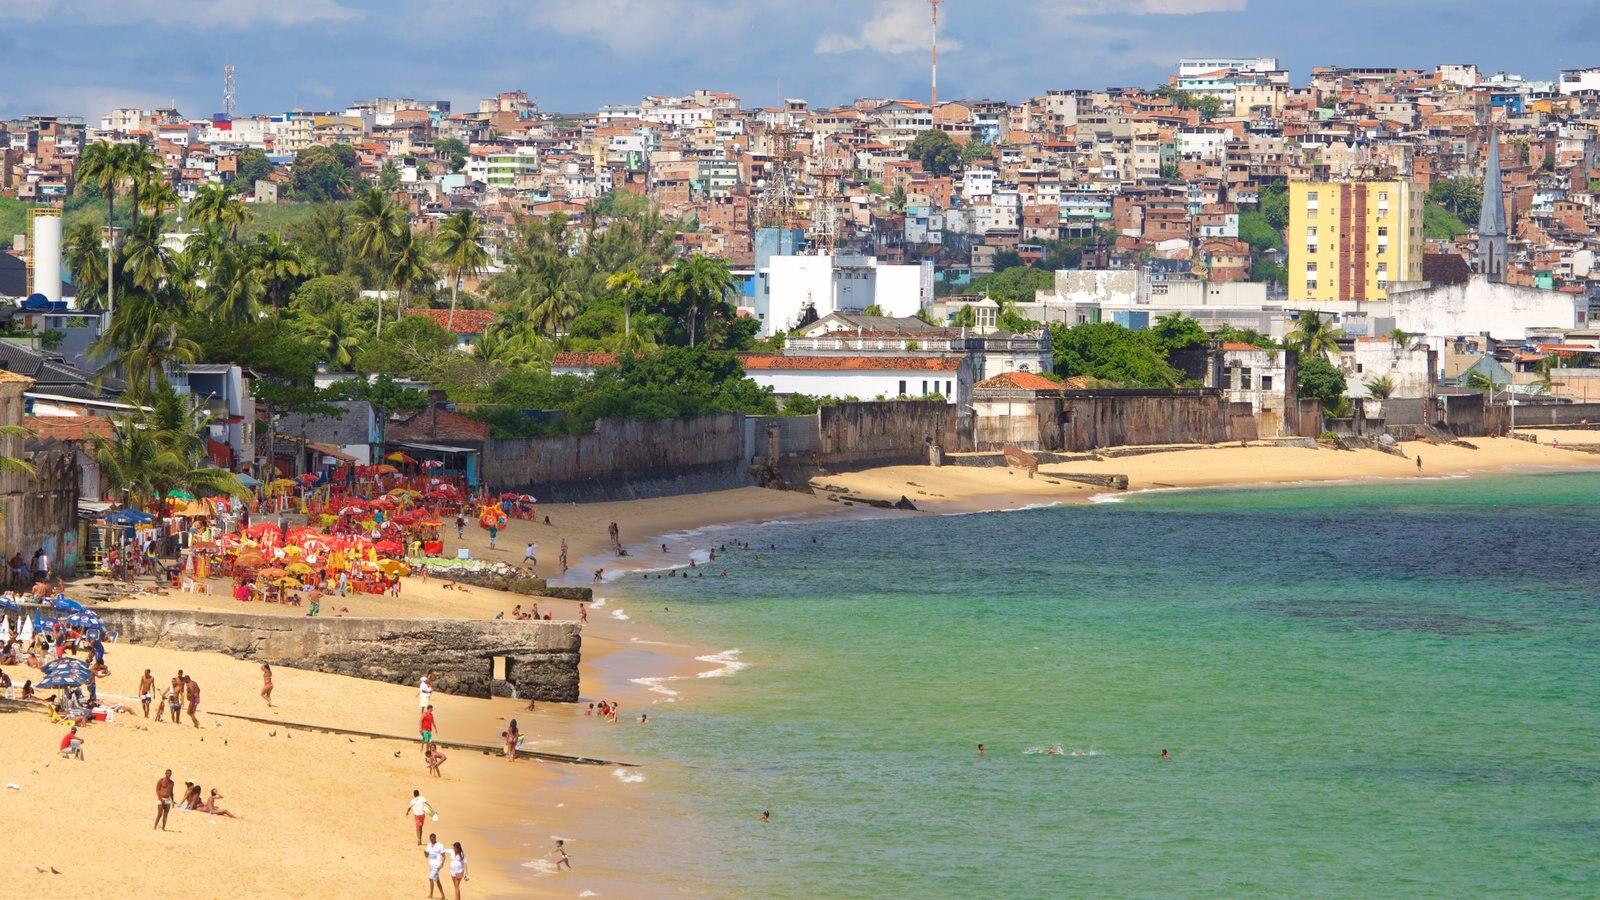 Salvador mostrando uma cidade litorânea, uma praia de areia e paisagens litorâneas